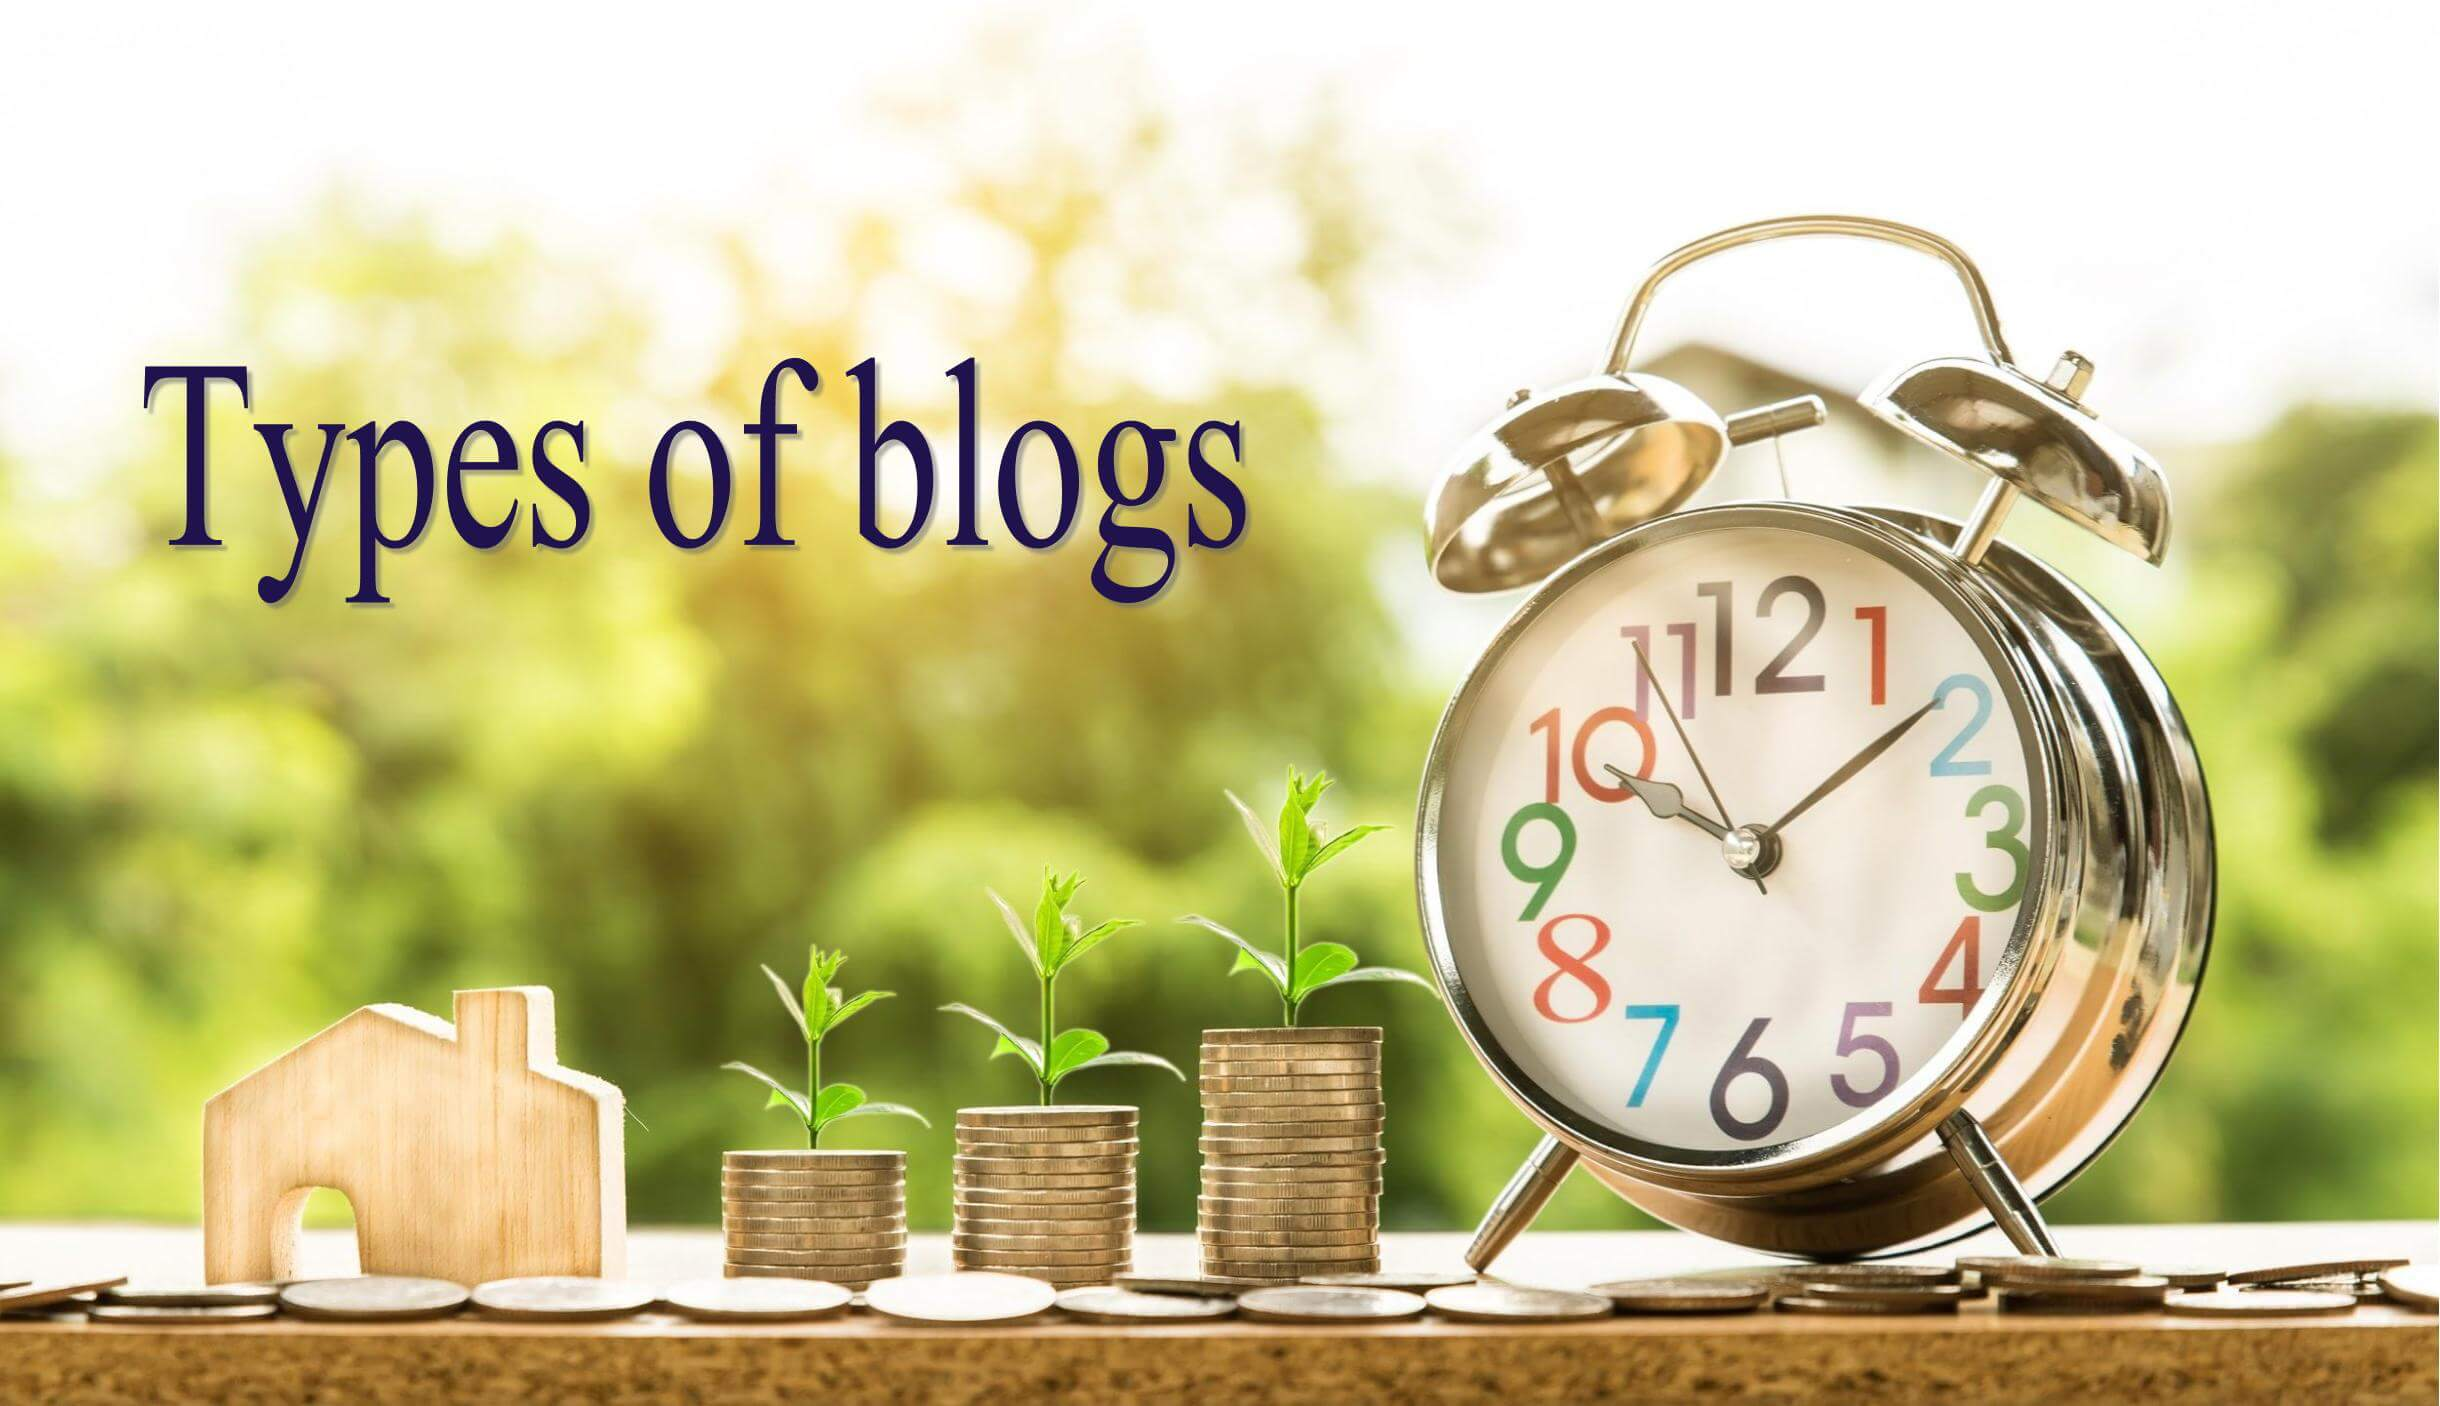 コインと目覚まし時計「Types of blogs」